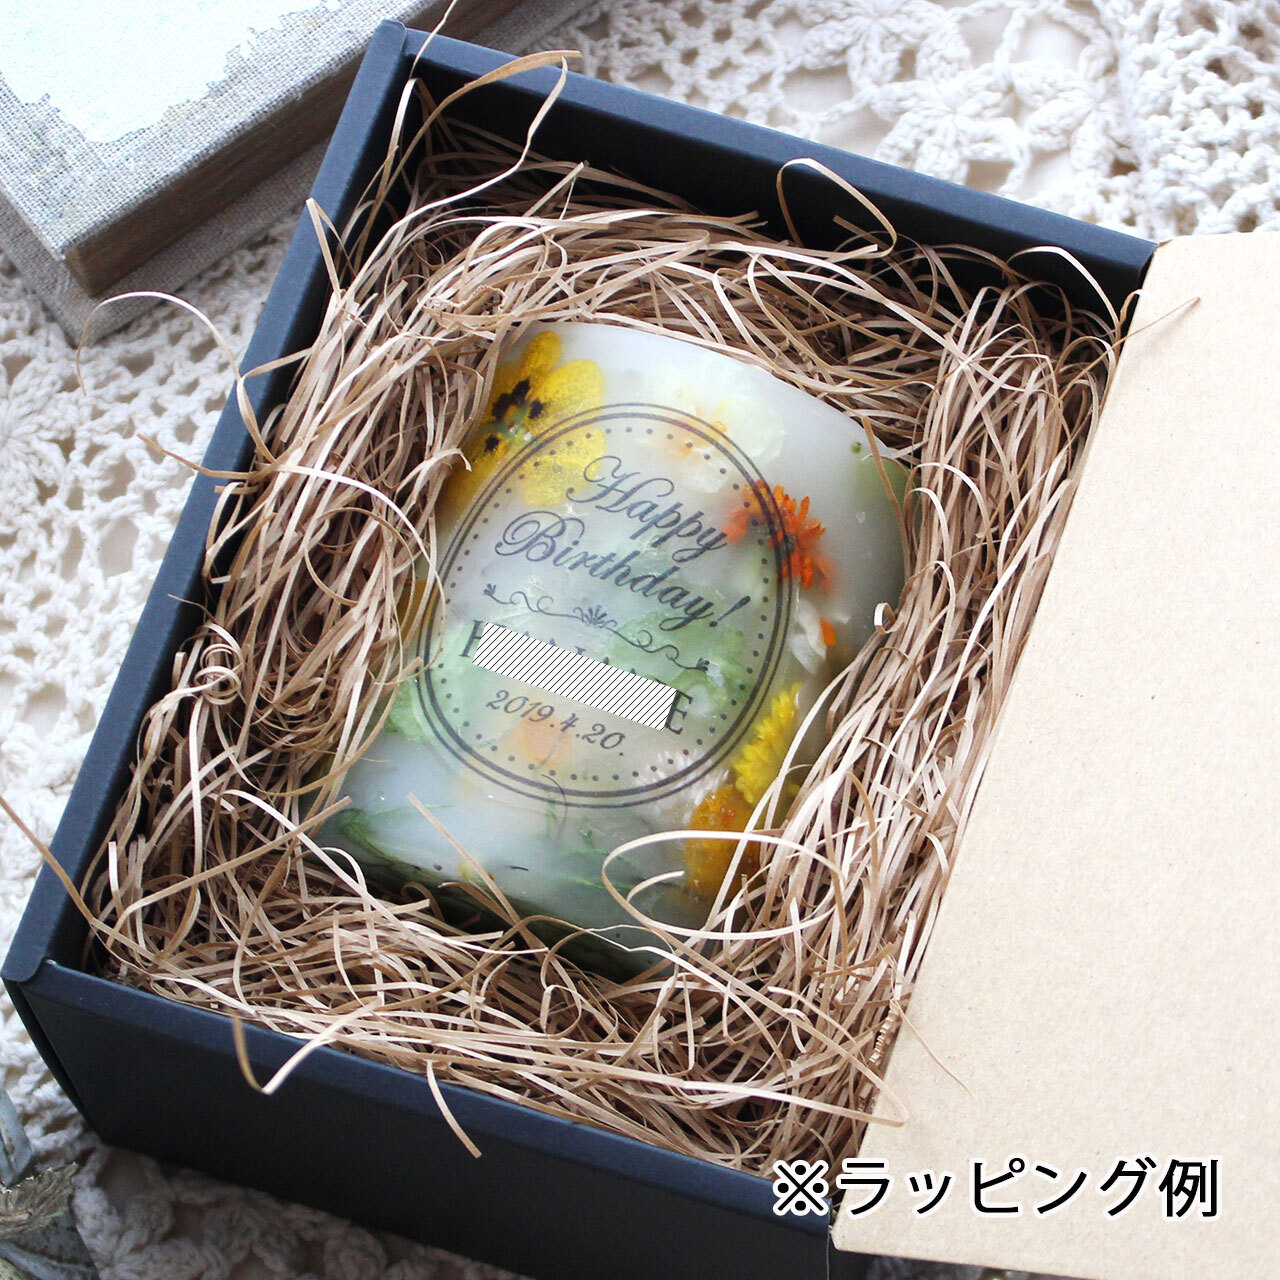 NC238 ギフトラッピング付き☆メッセージ&日付&名入れボタニカルキャンドル プリザーブドローズ